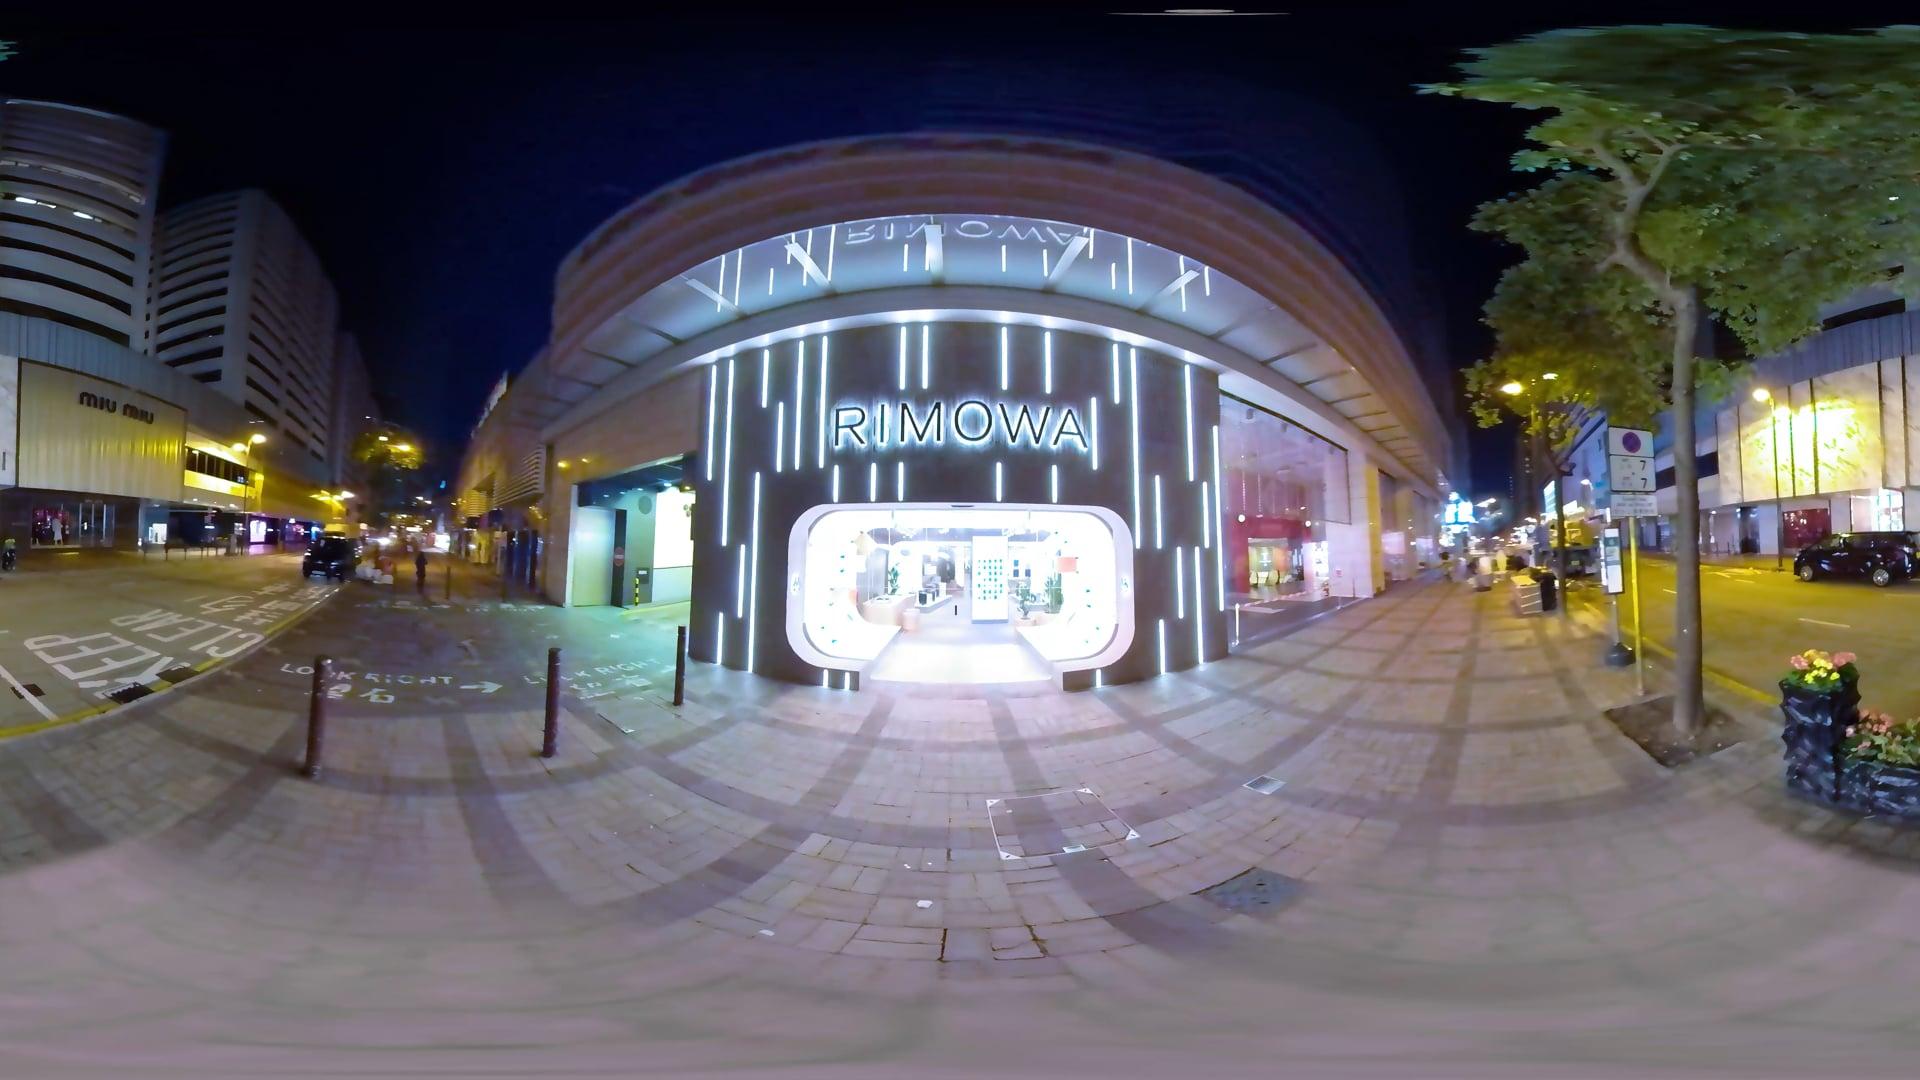 RIMOWA Interior Design 360 VR Degree Video